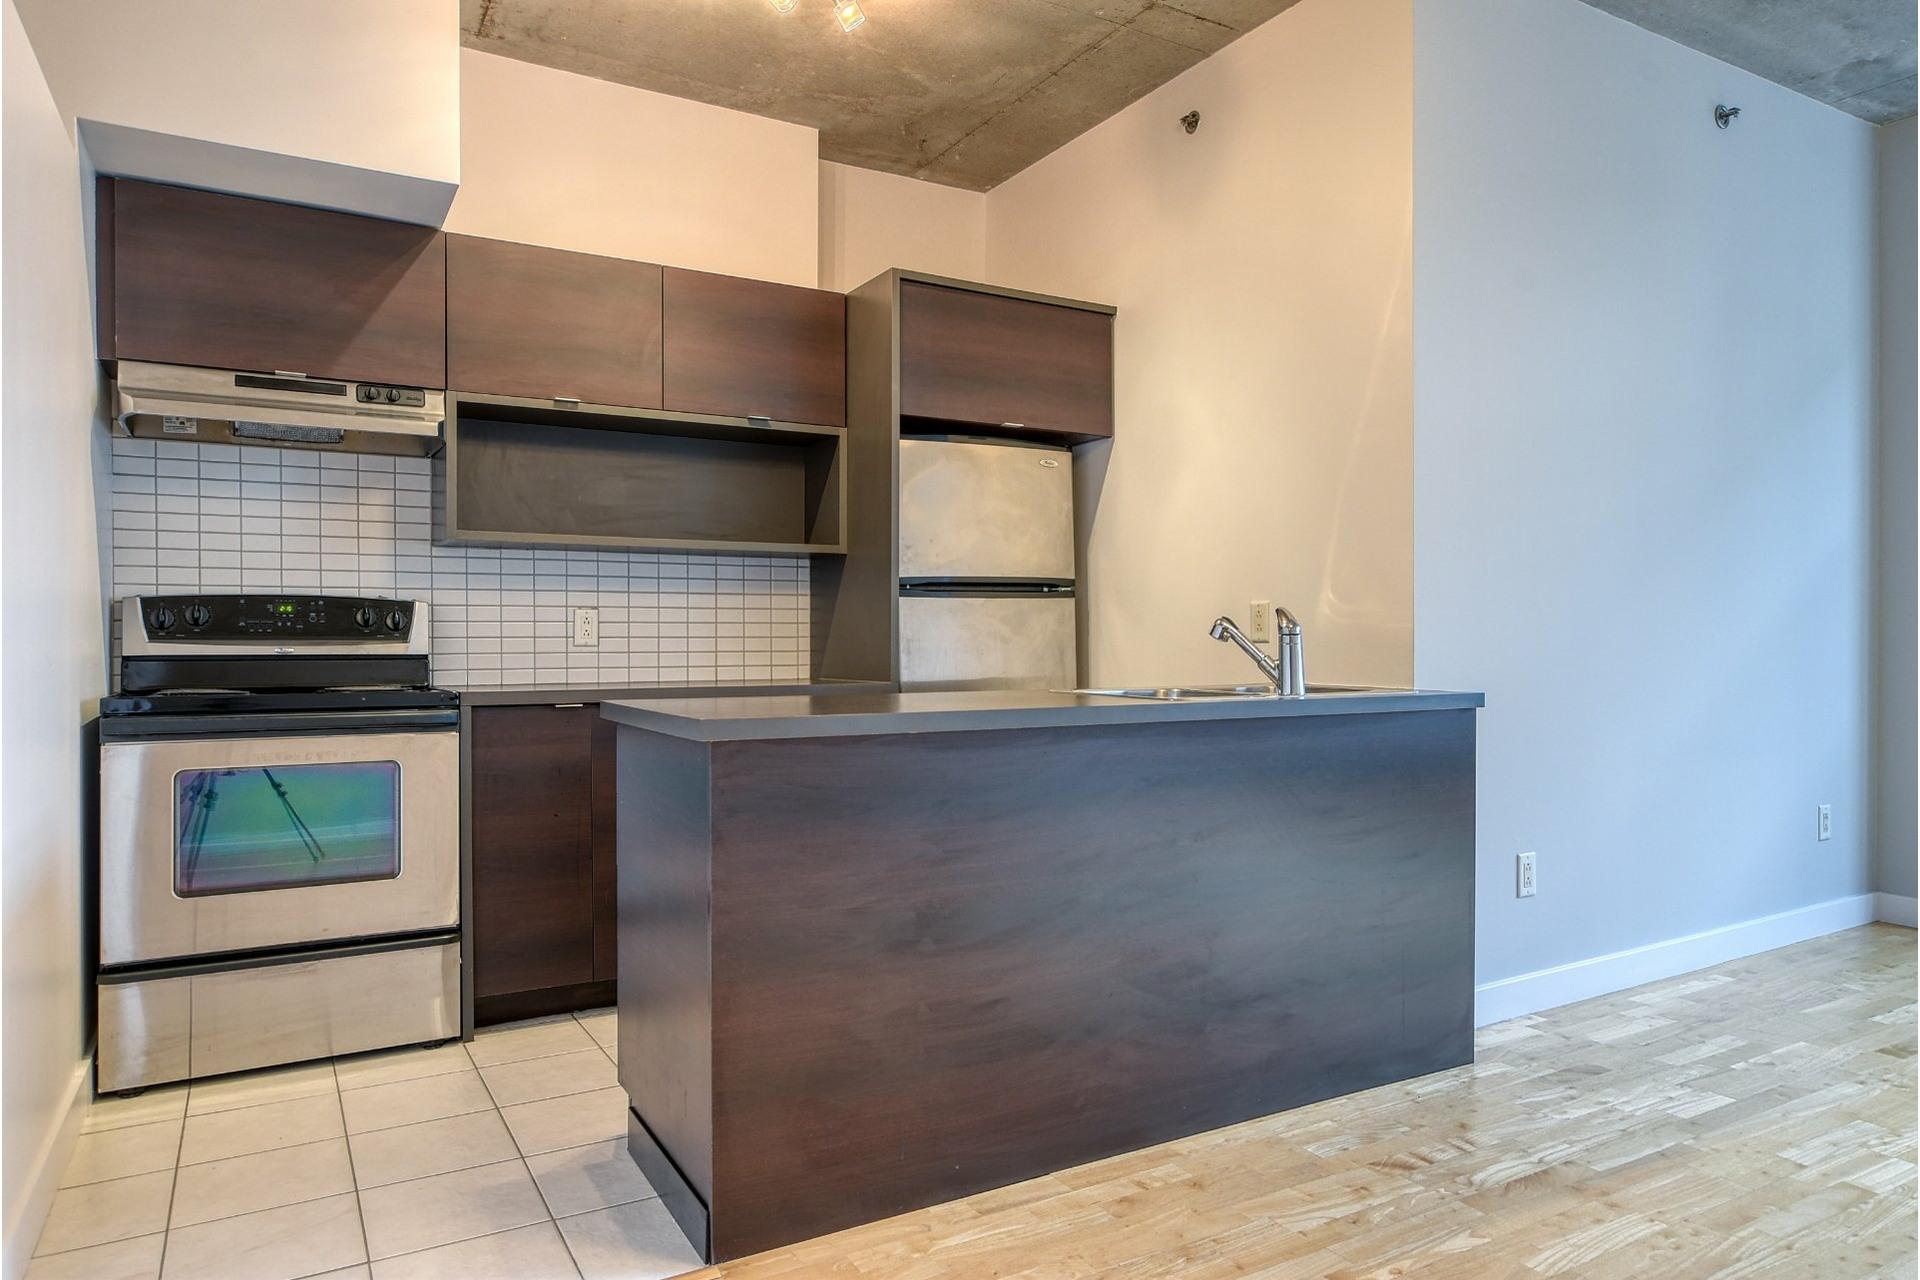 image 7 - Apartment For sale Ville-Marie Montréal  - 6 rooms